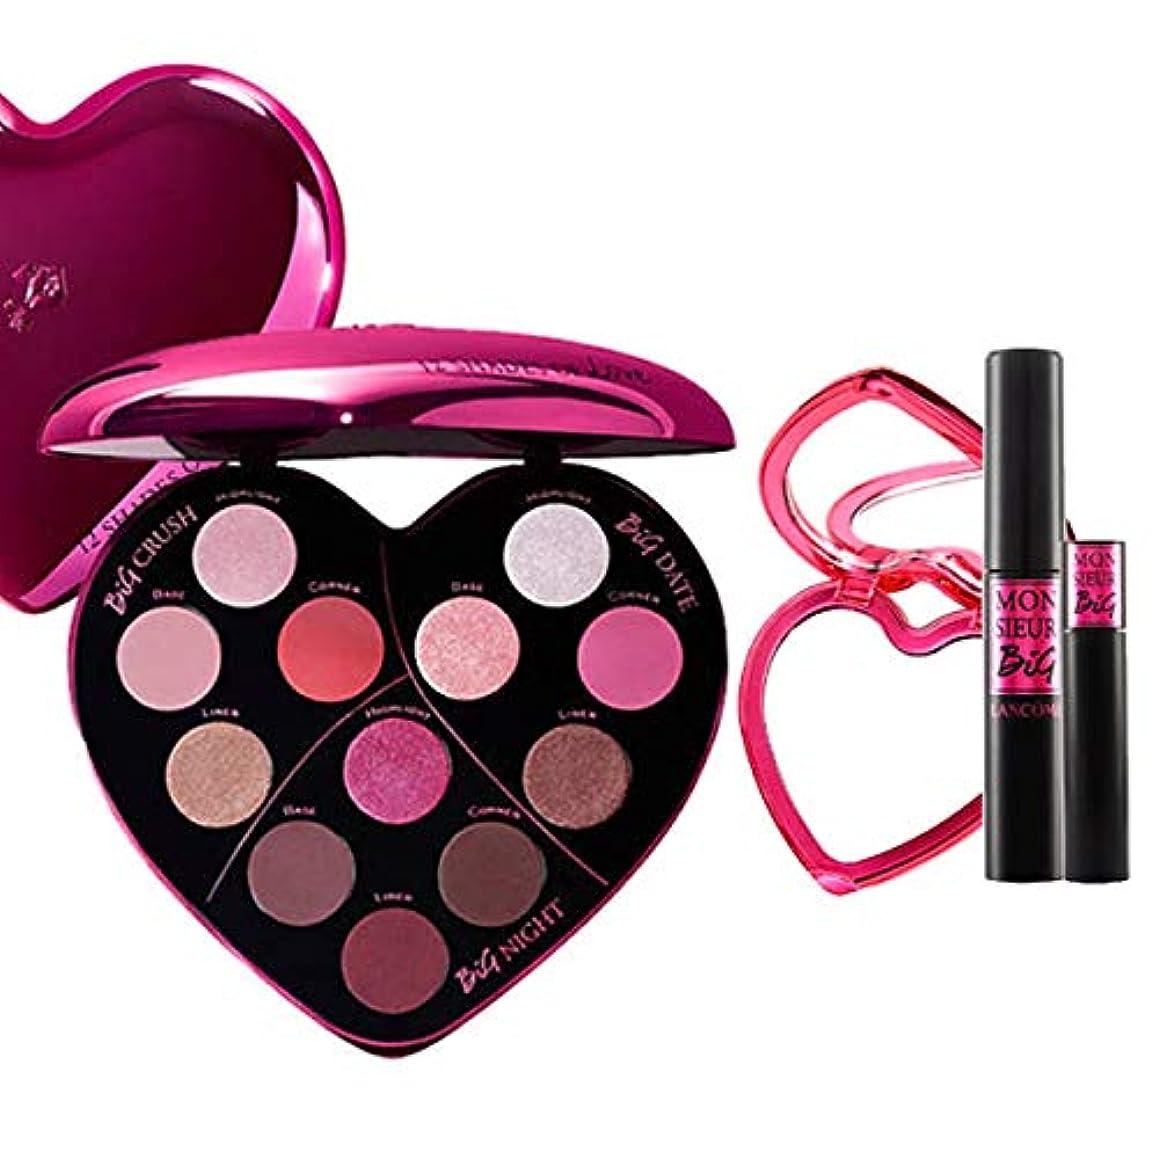 毛布反対連隊ランコム(LANCOME), 限定版 limited-edition Monsieur Big Heart-Shaped Eyeshadow Palette + Monsieur Big Birthday Mascara...